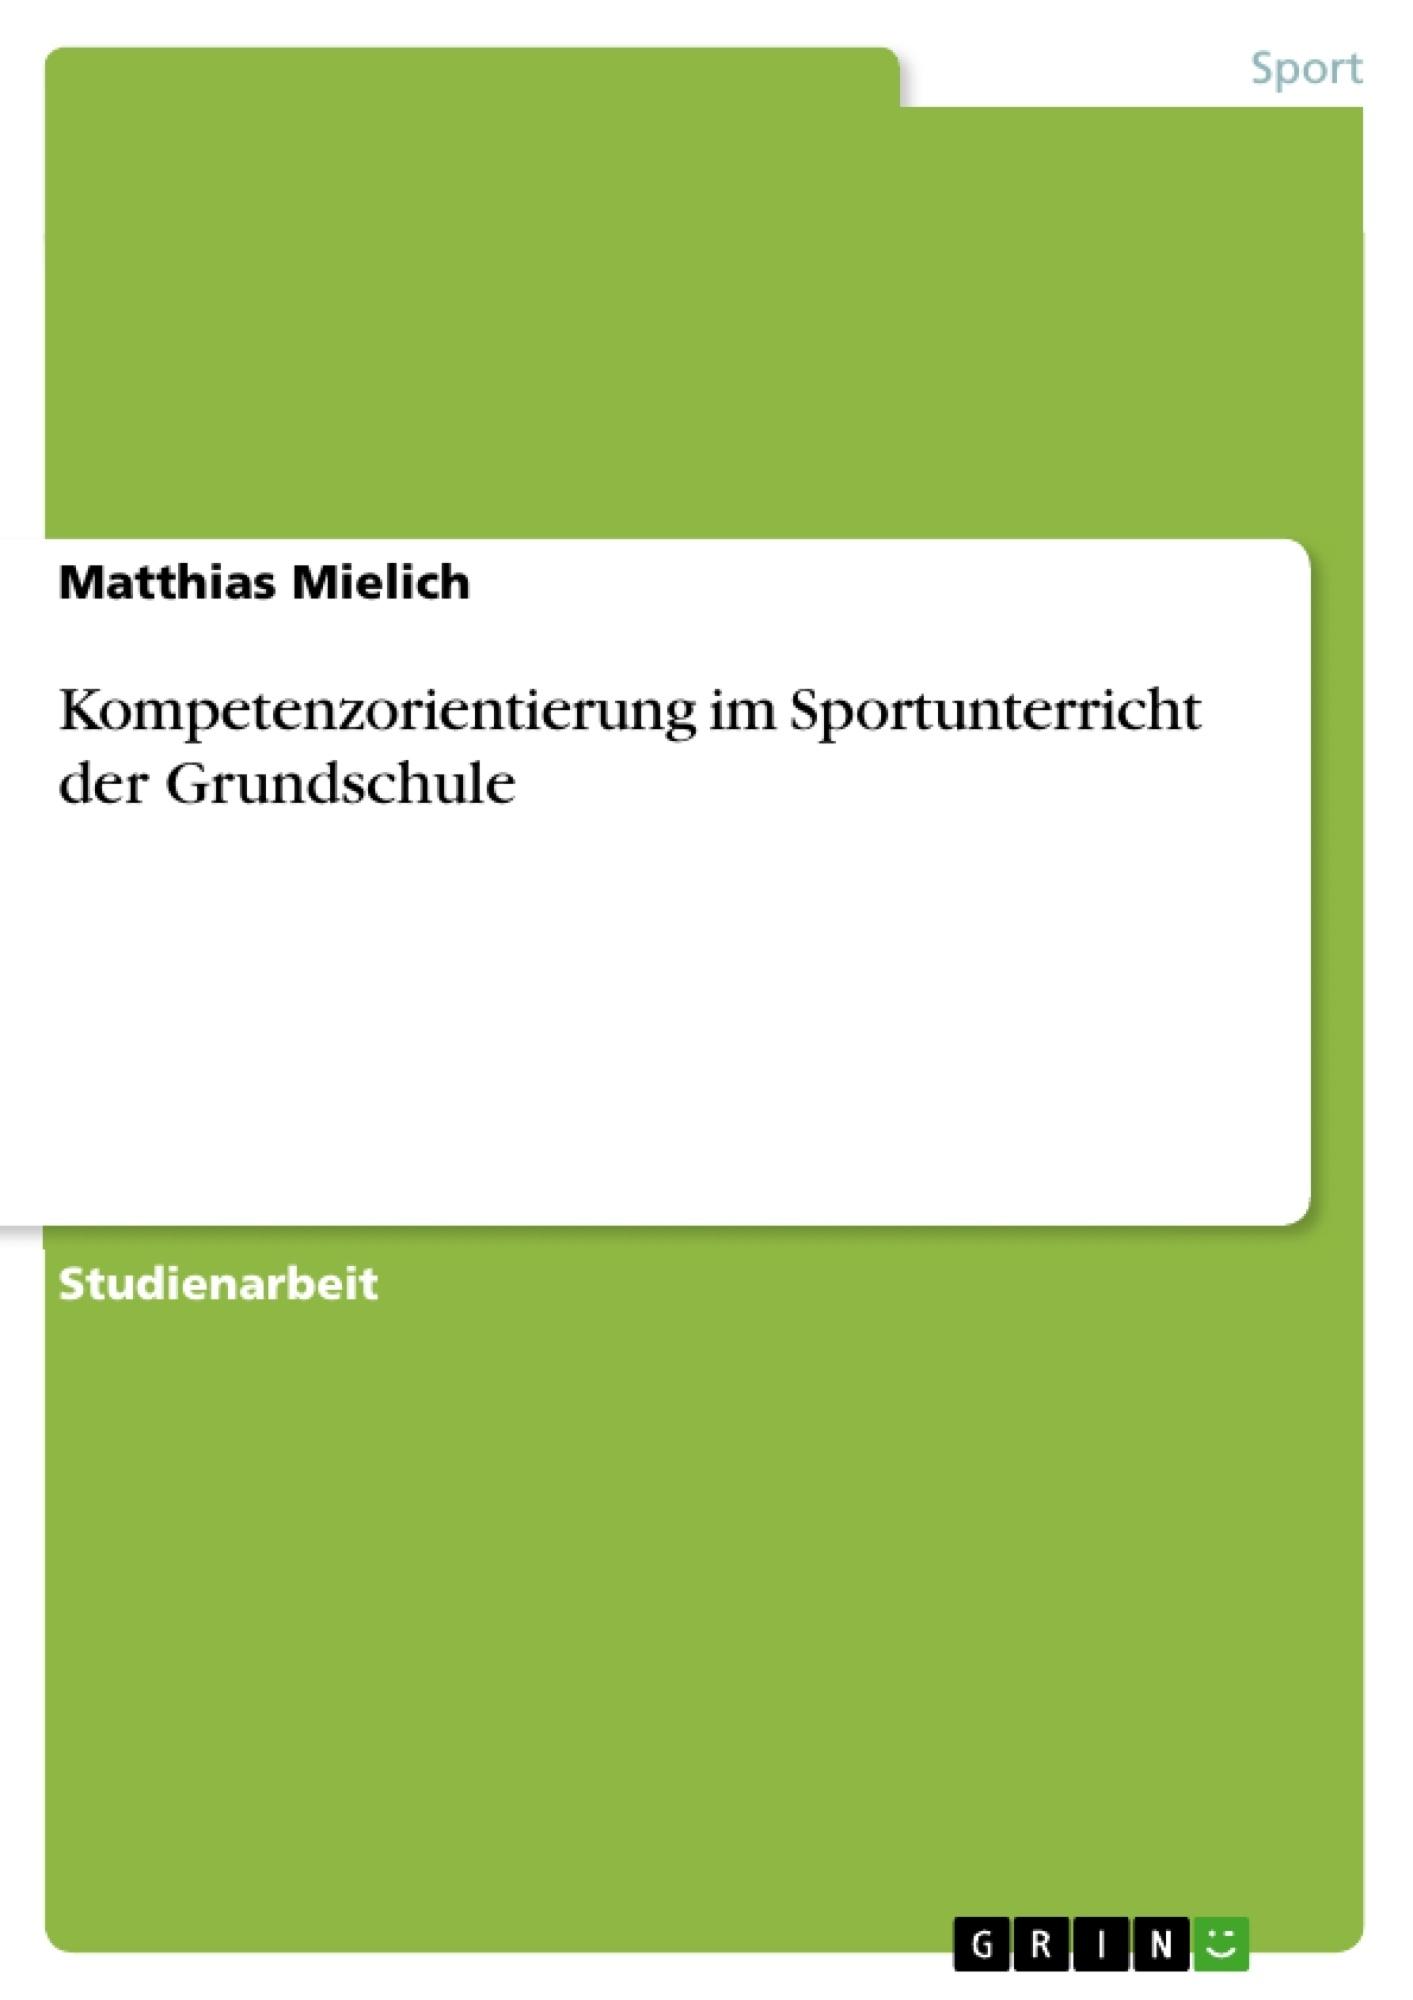 Titel: Kompetenzorientierung im Sportunterricht der Grundschule